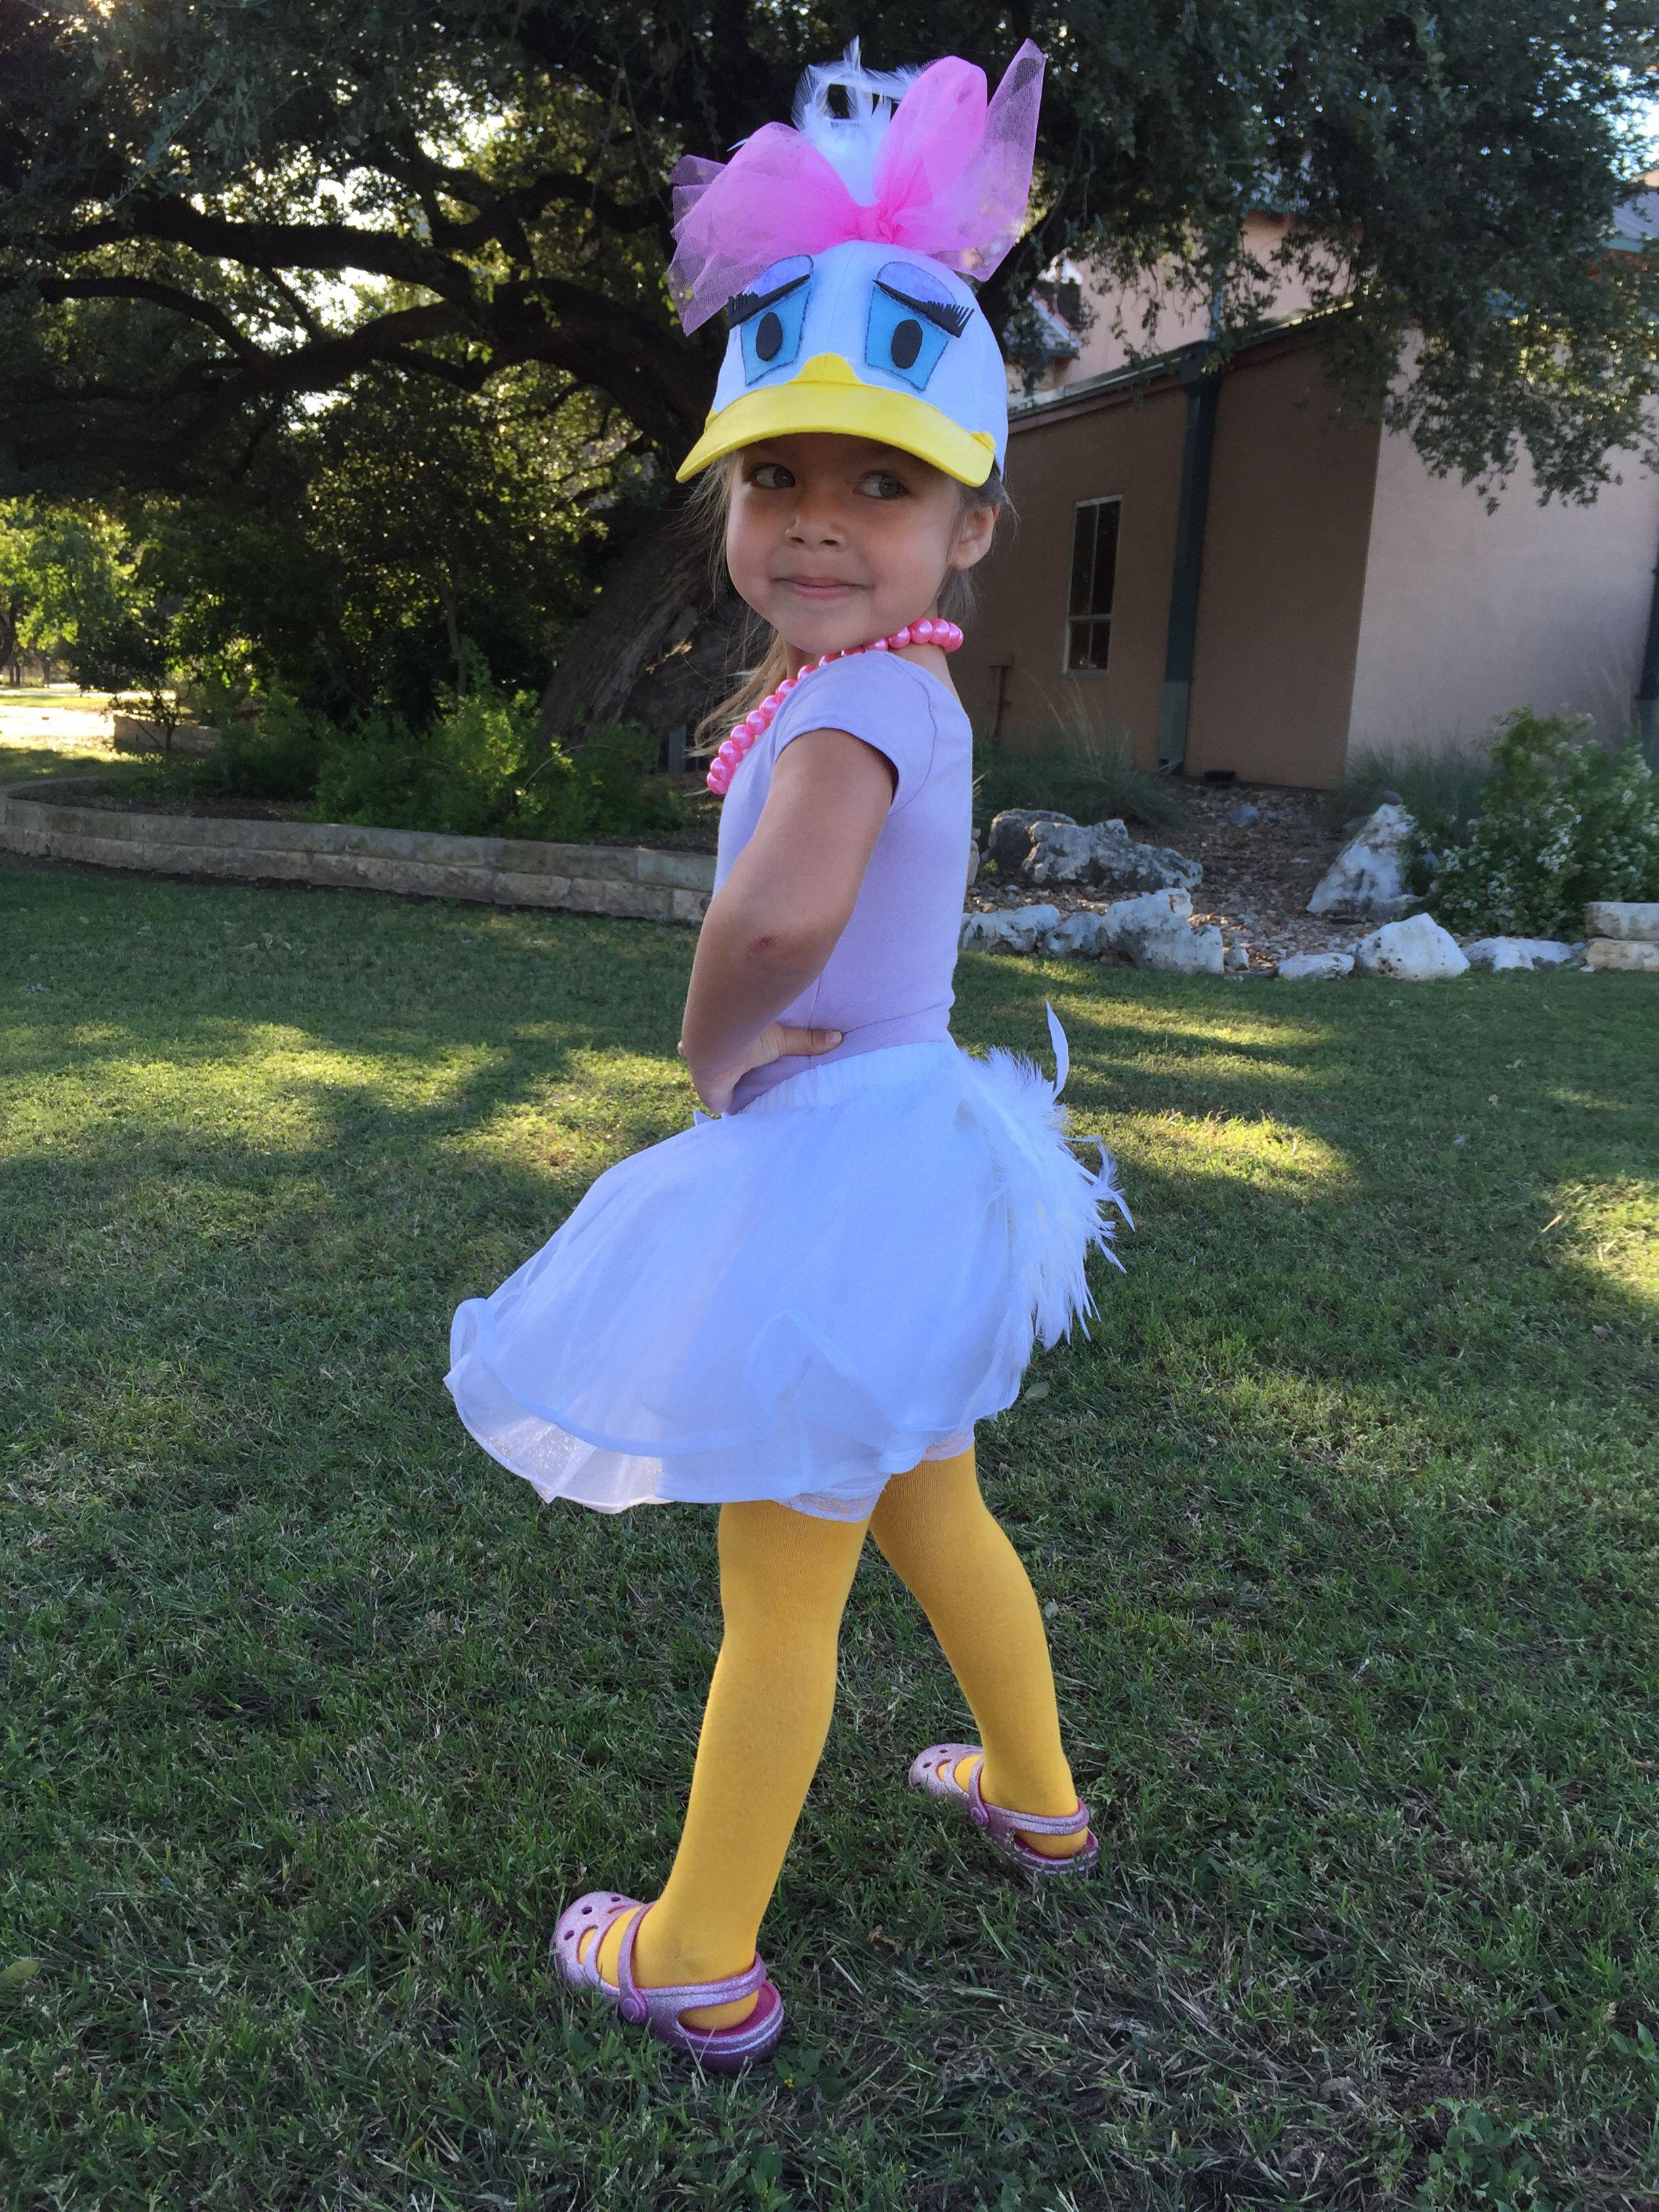 aa9e1c61e06 DIY Daisy Duck Costume More